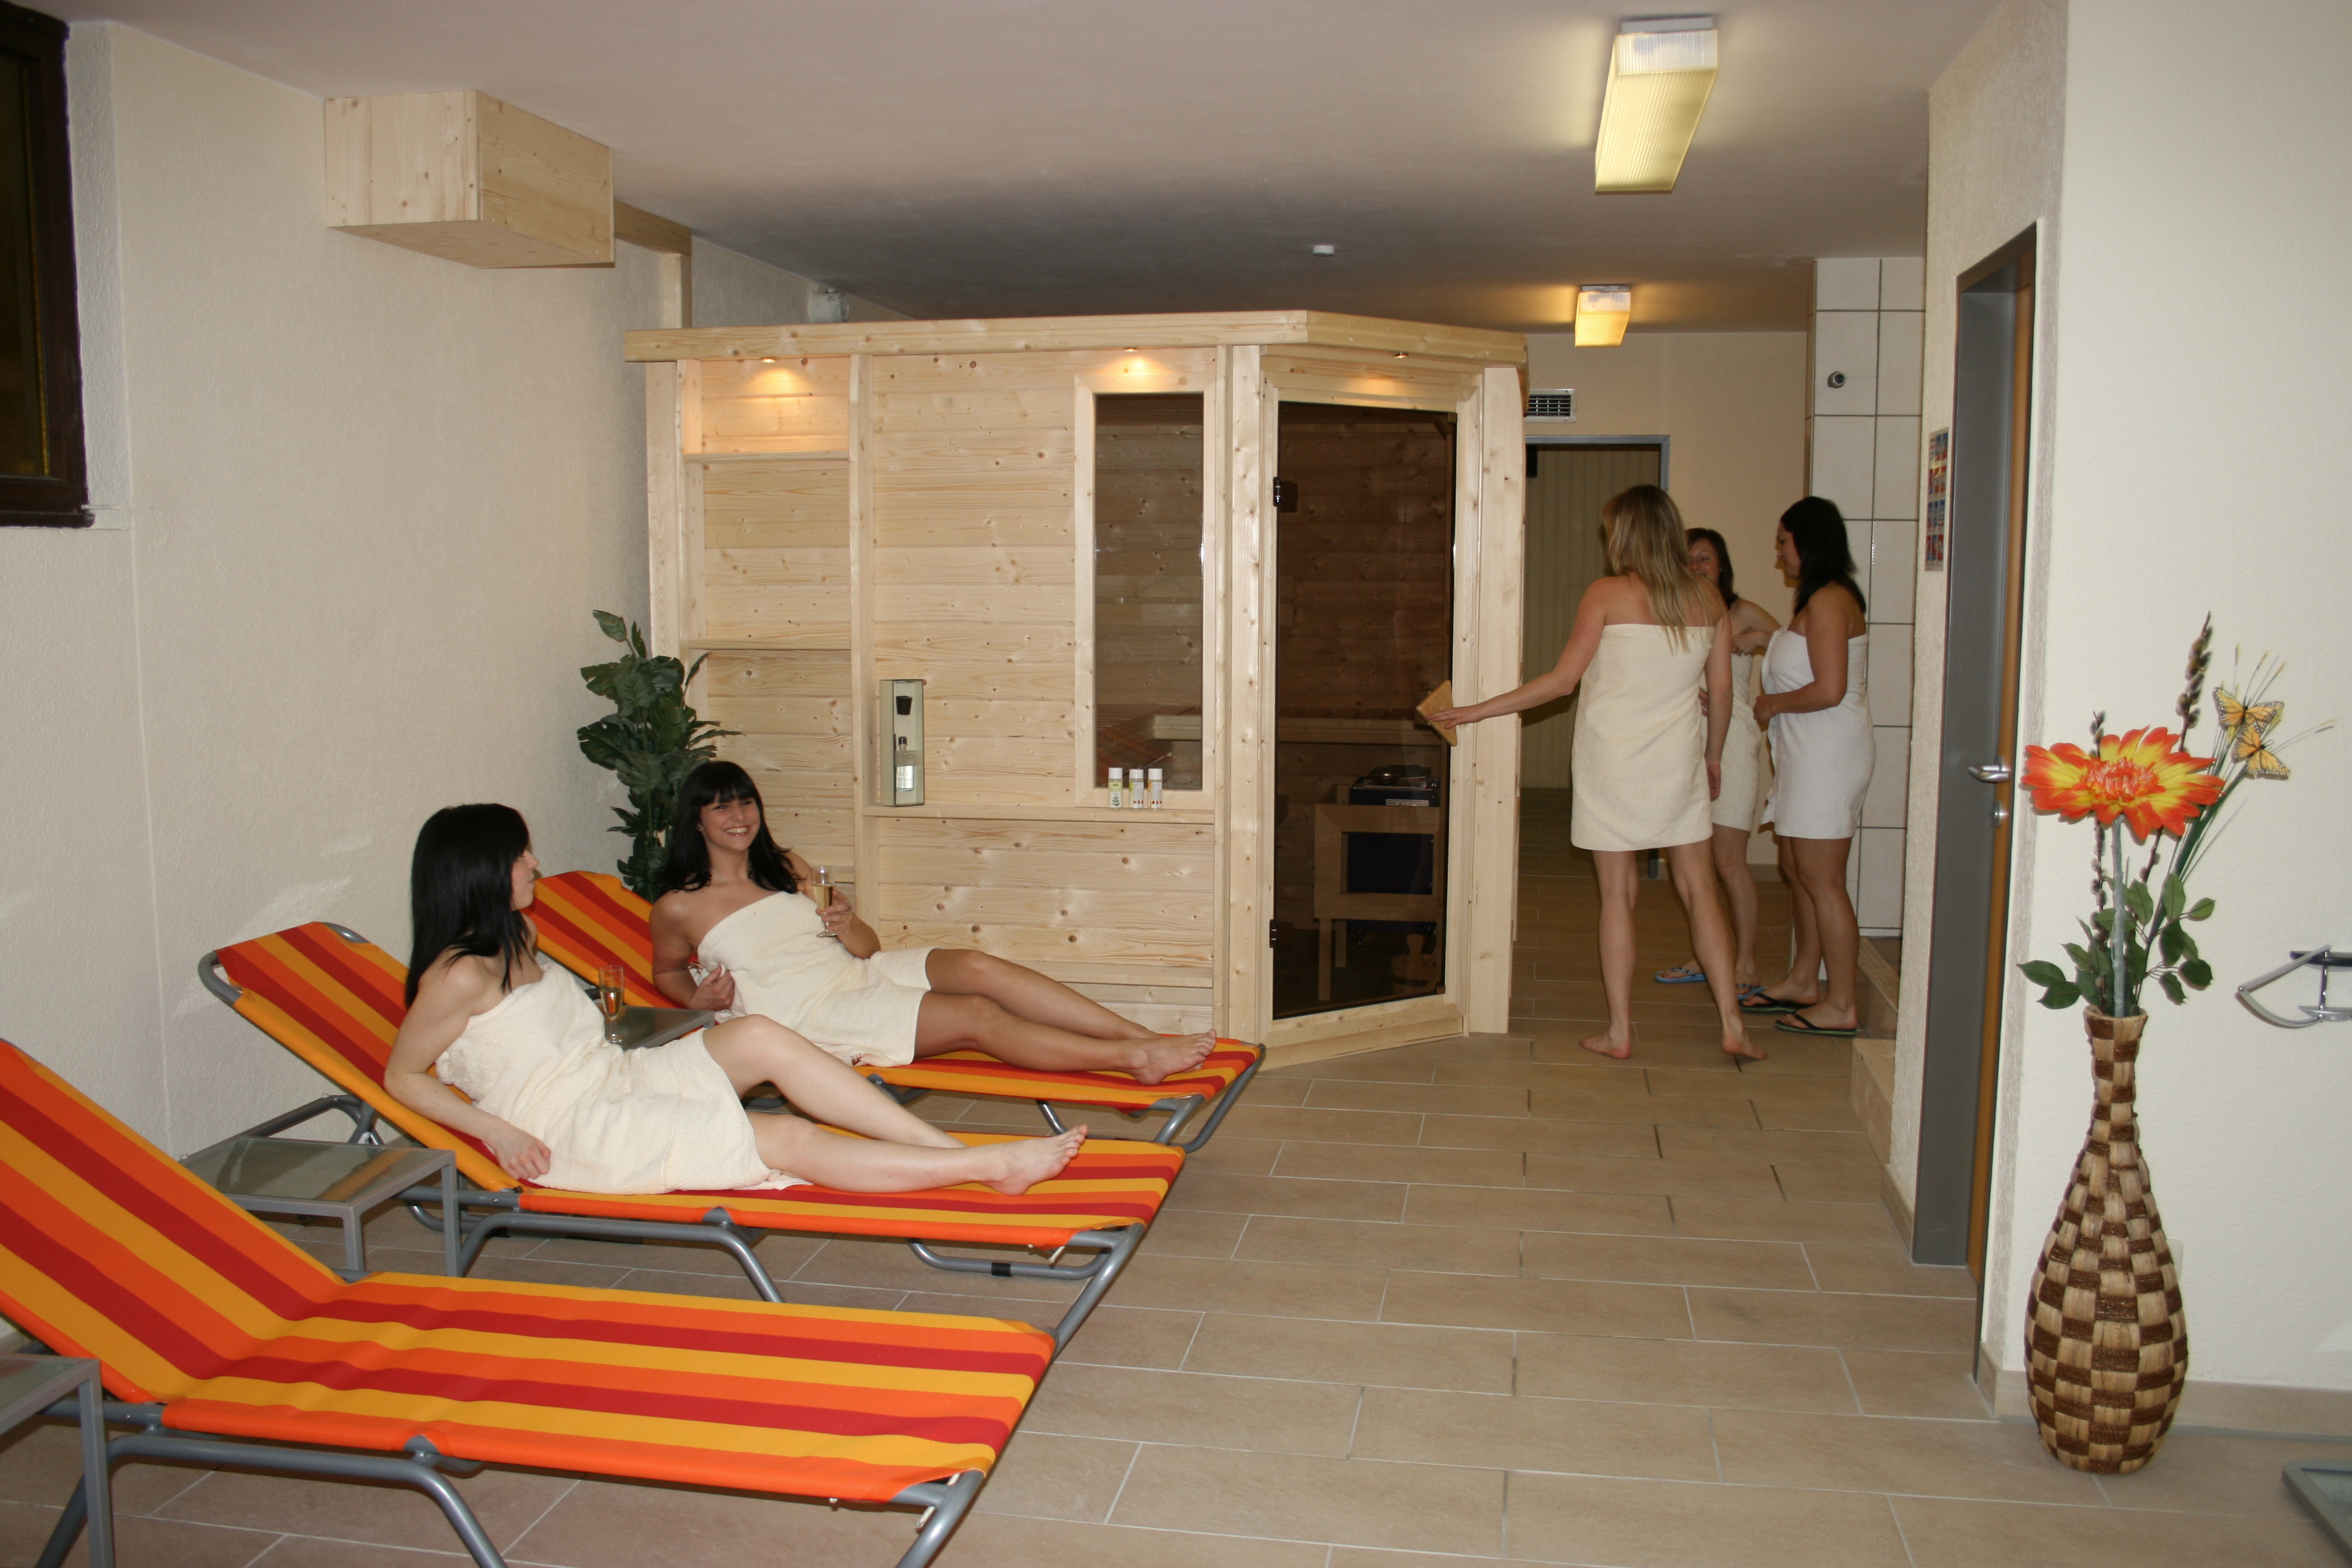 k_saunabereich4